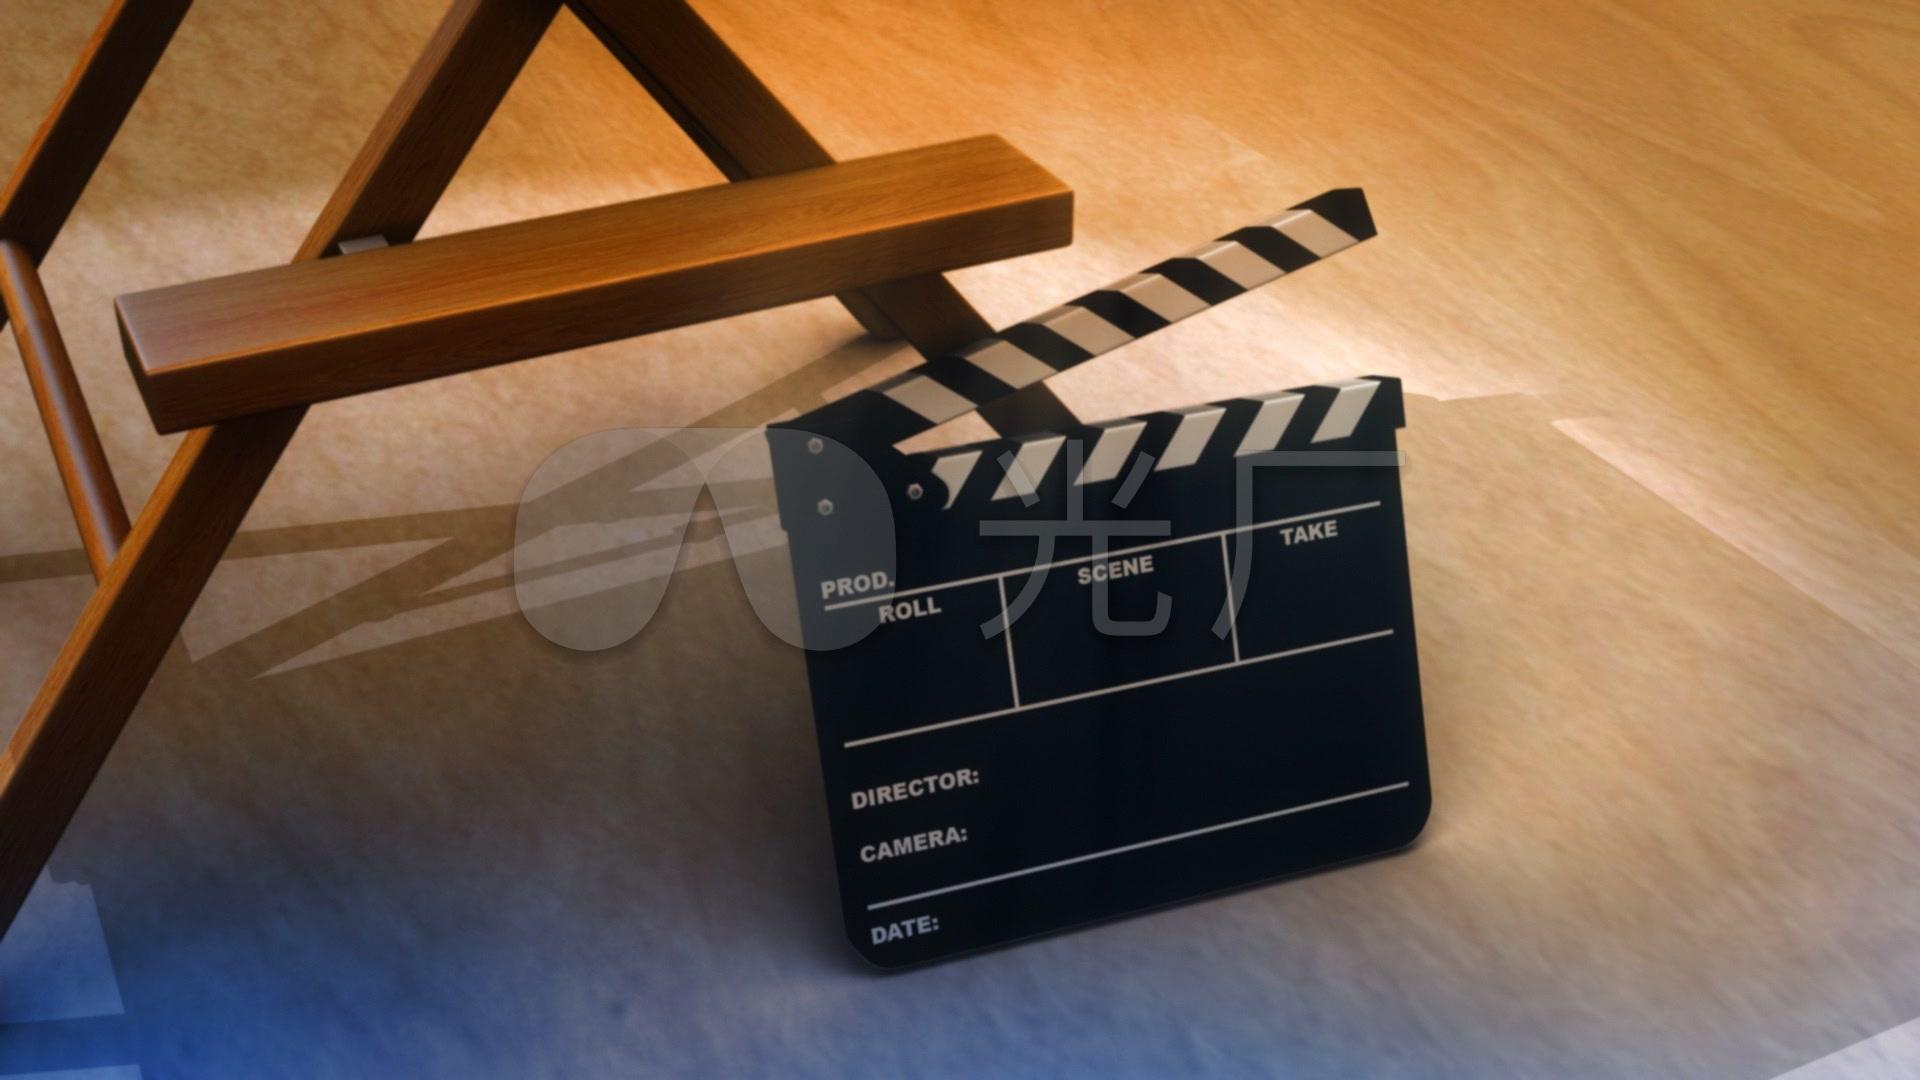 电影打板器与椅子片头_1920x1080_高清视频素材下载